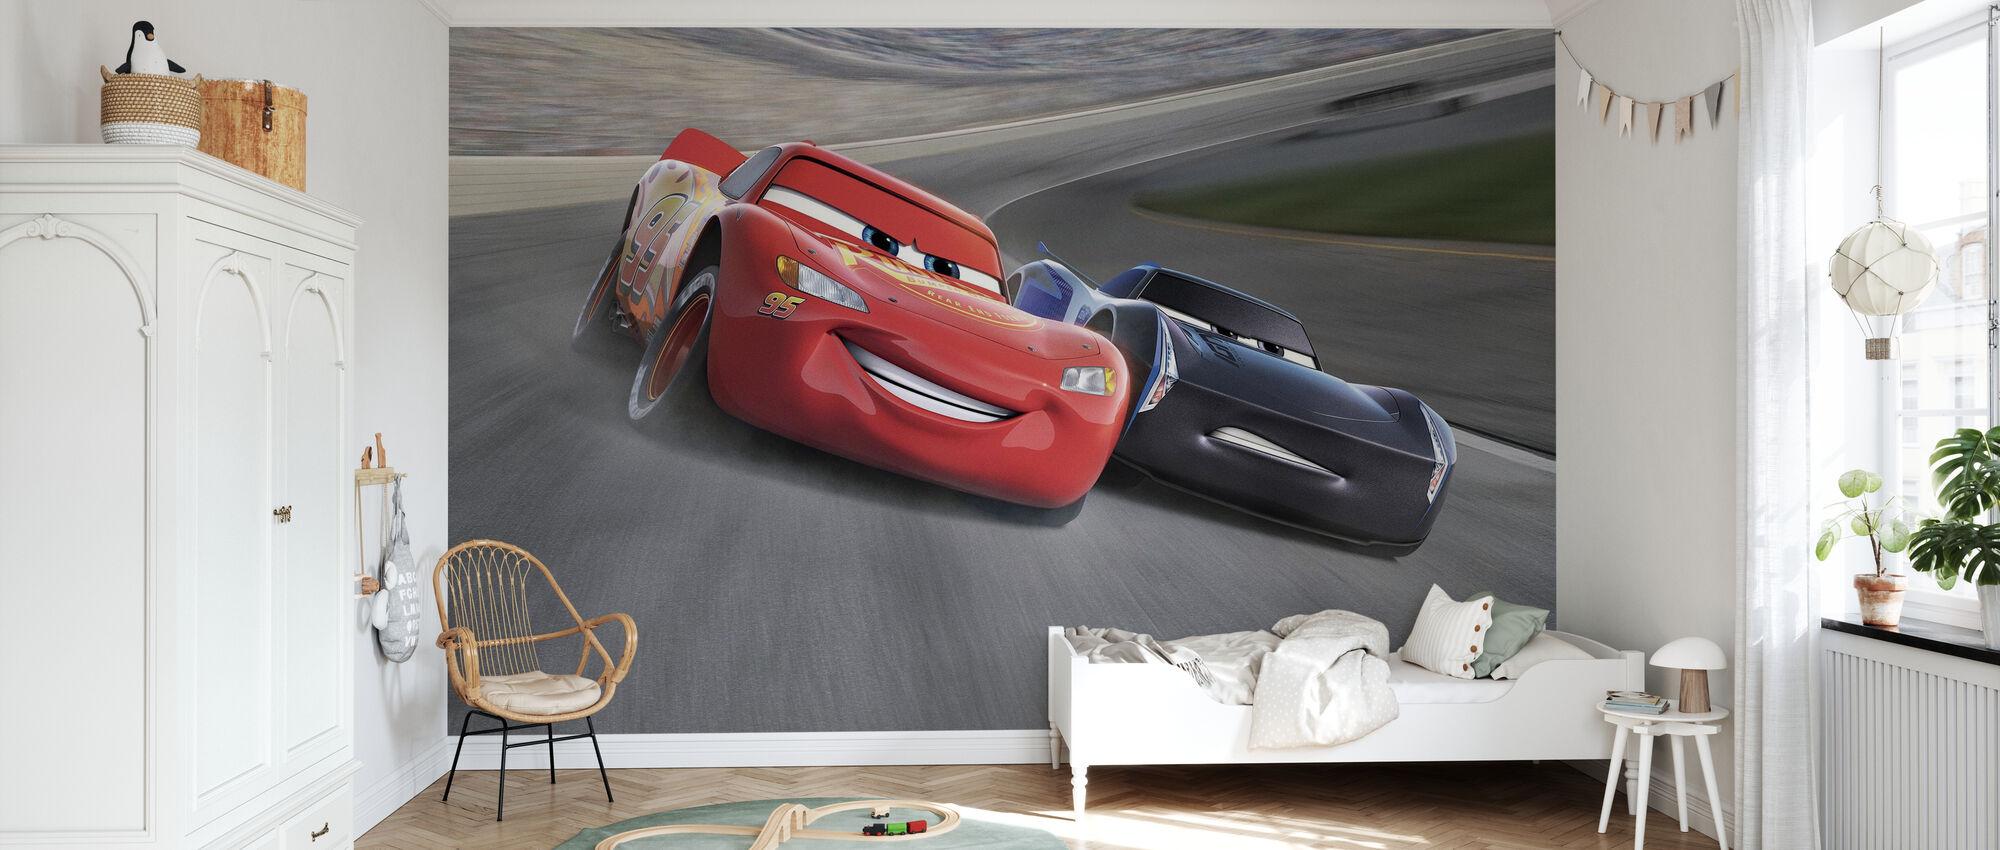 Autot 3 - Ensimmäinen maaliin - Tapetti - Lastenhuone